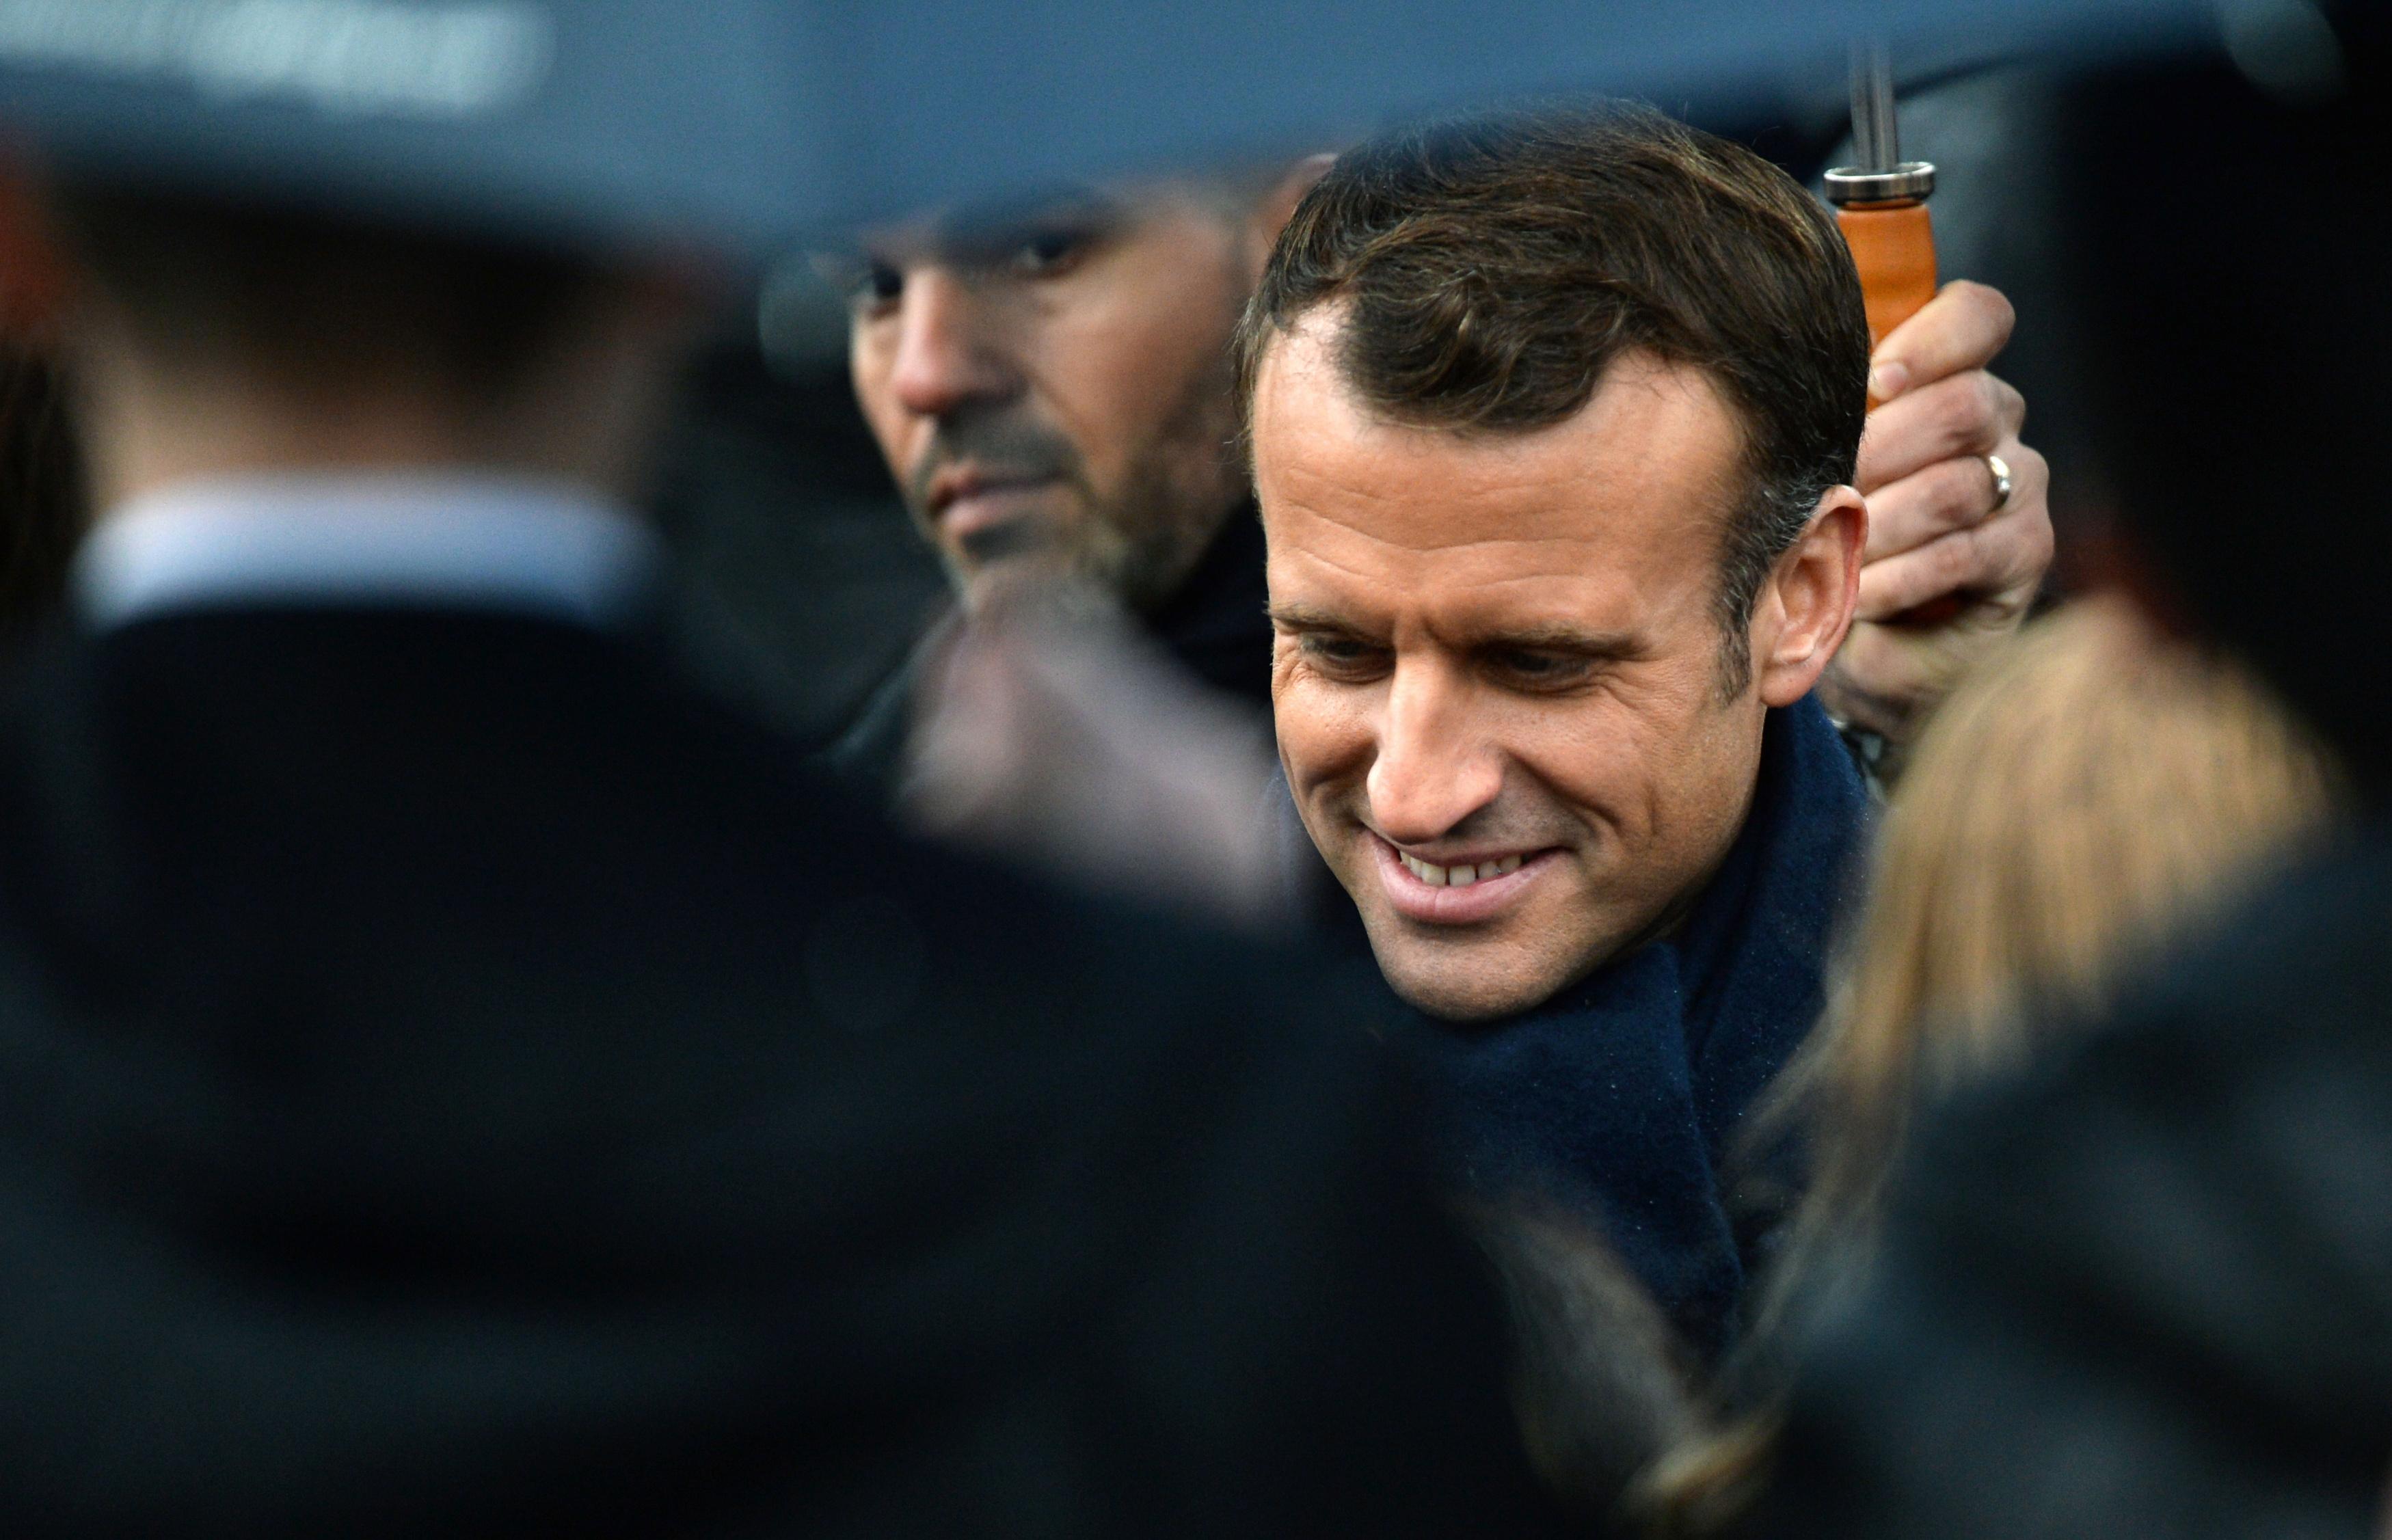 ماكرون حول باريس لعاصمة العالم فى هذه الاحتفالية العام الماضى